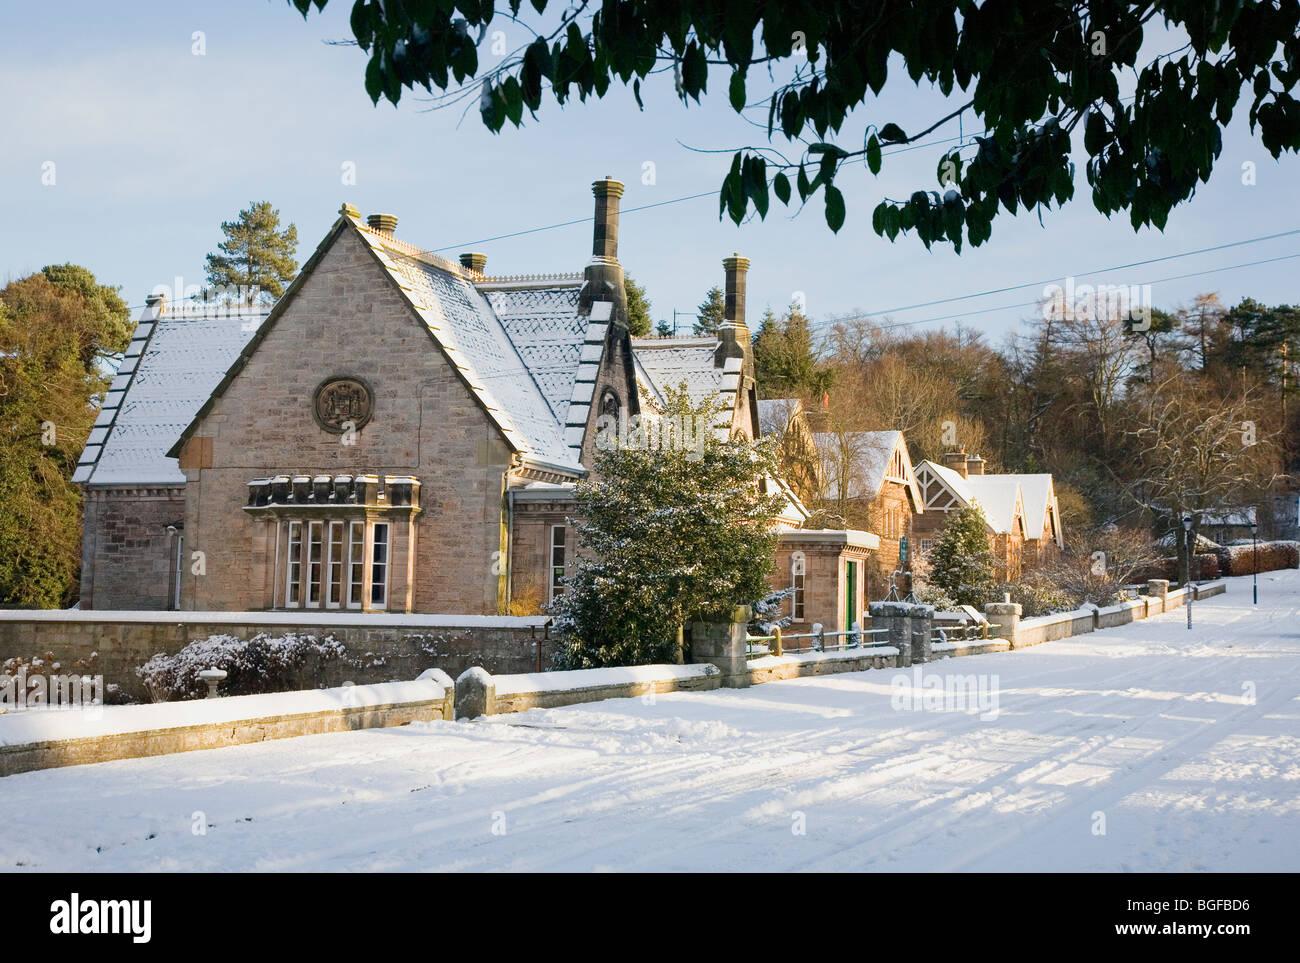 Ford village, Northumberland, UK Stock Photo